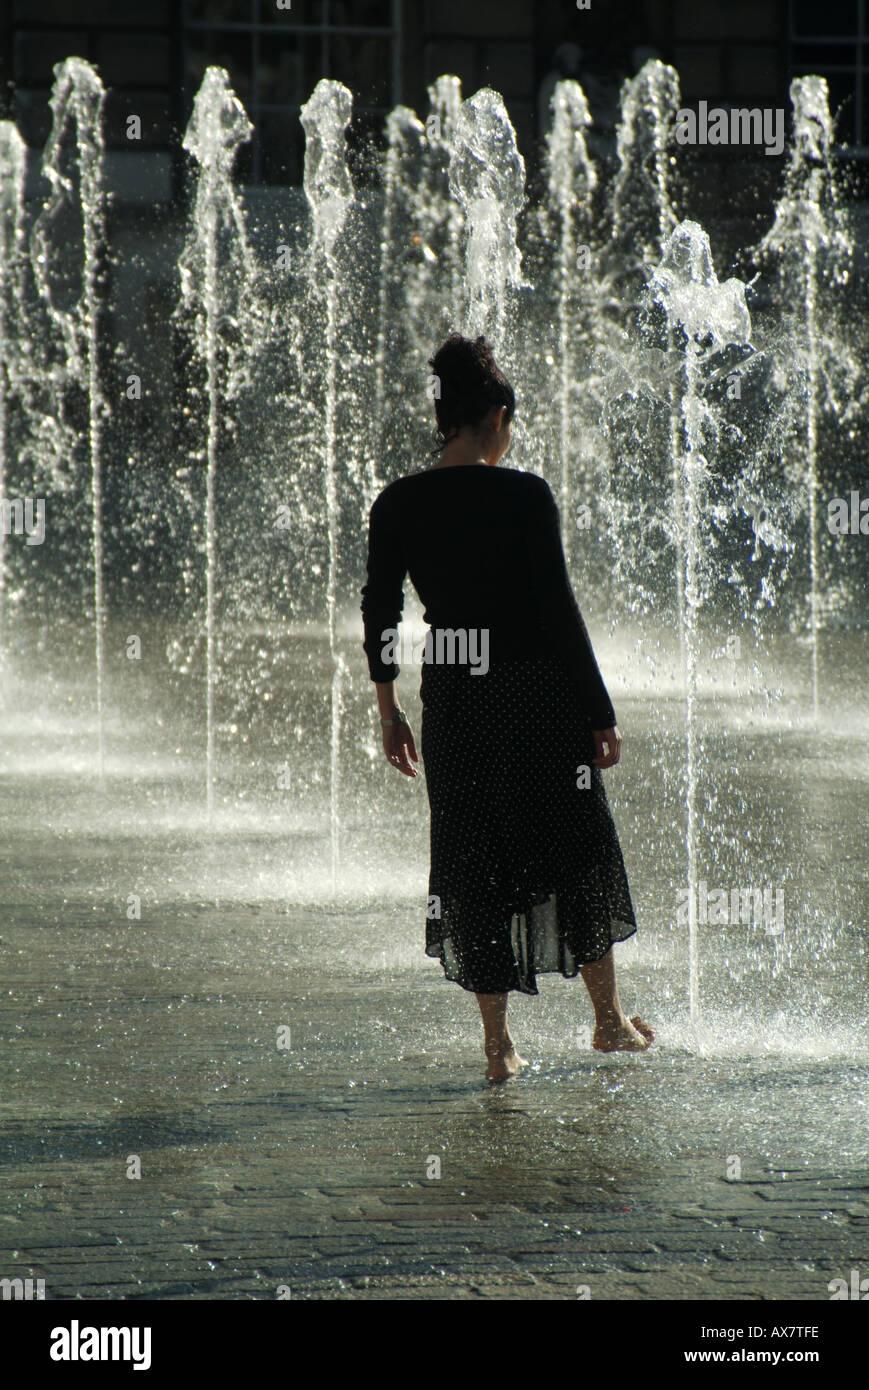 Fontana giovane donna raffreddamento calda estate meteo concetto analisi dell'acqua o punta di immersione in acqua Londra Inghilterra REGNO UNITO Immagini Stock